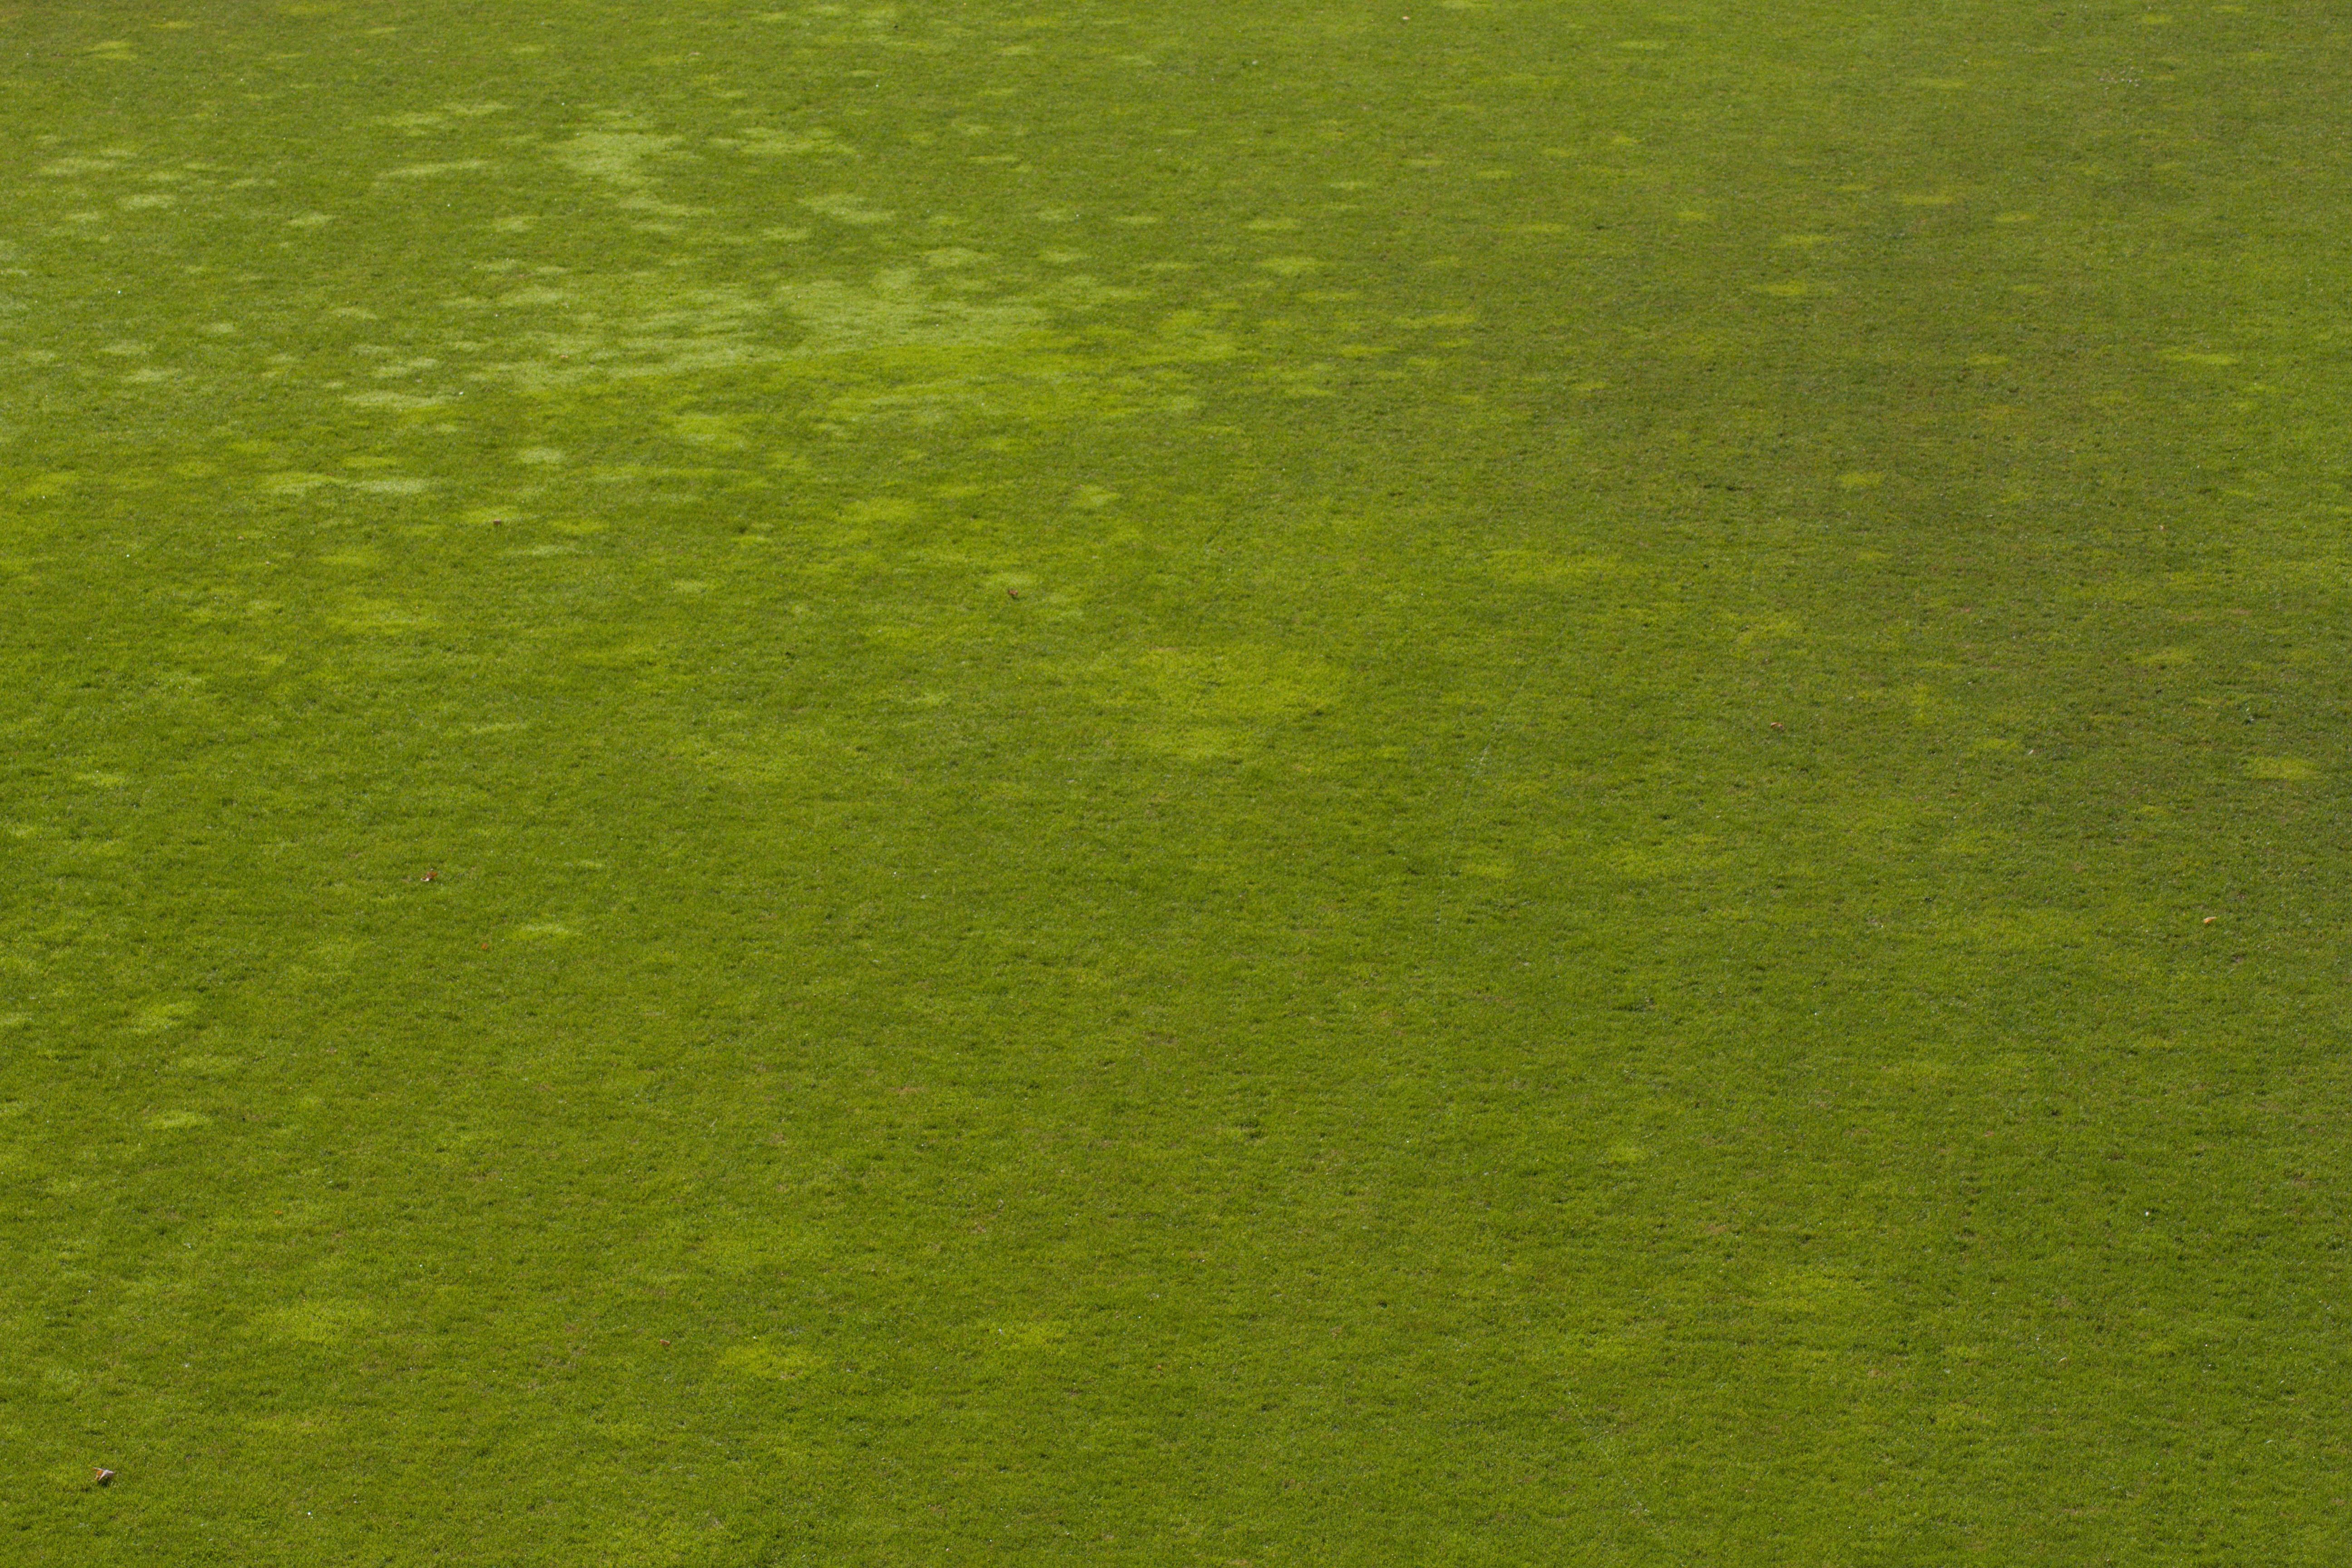 Obrázek trávníku